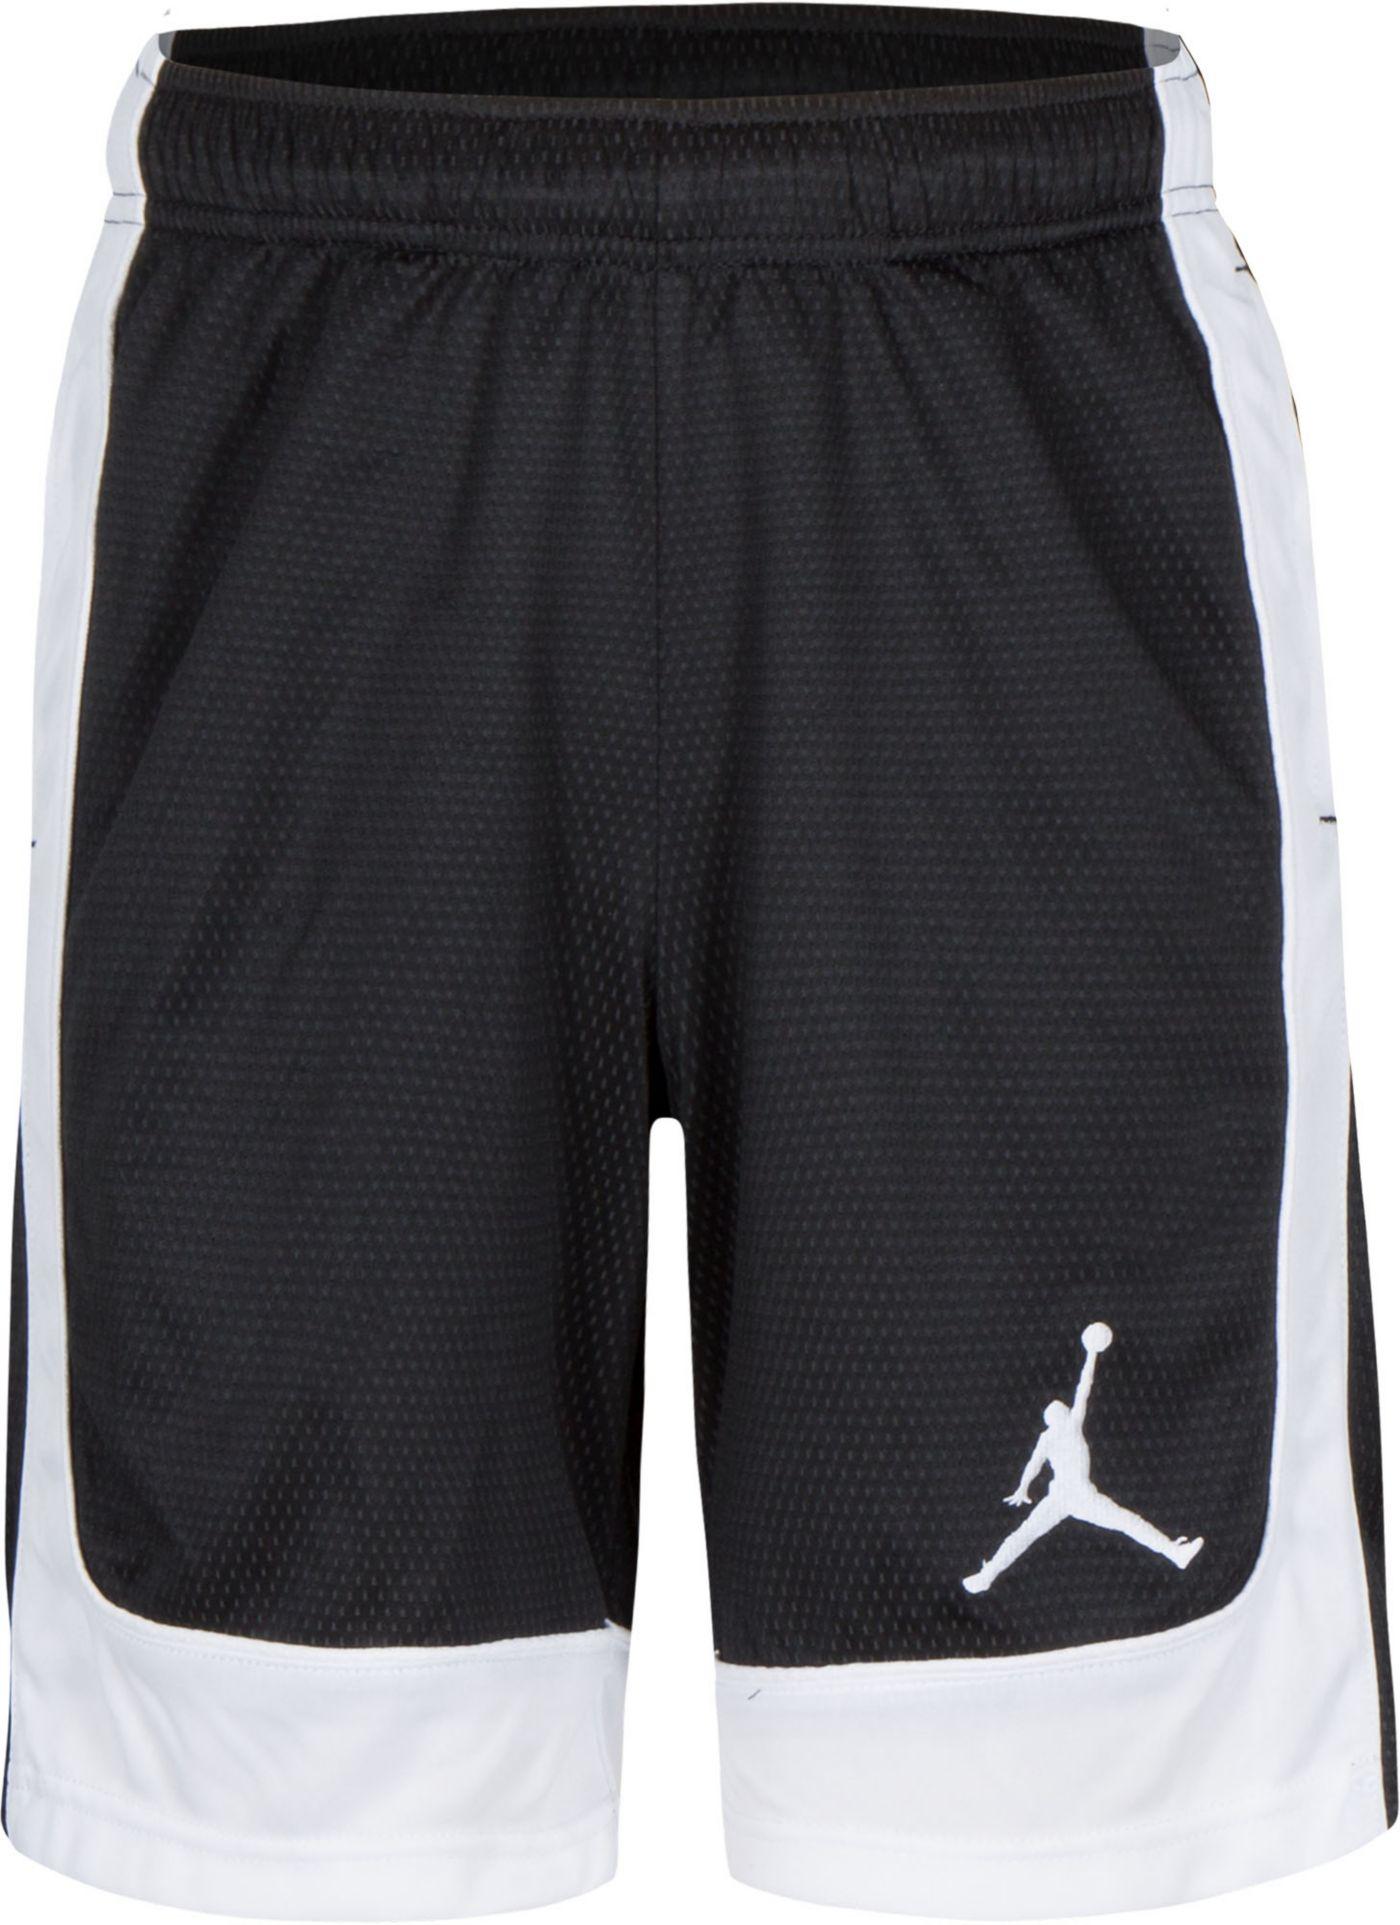 Jordan Boys' Air 2.0 Colorblock Shorts